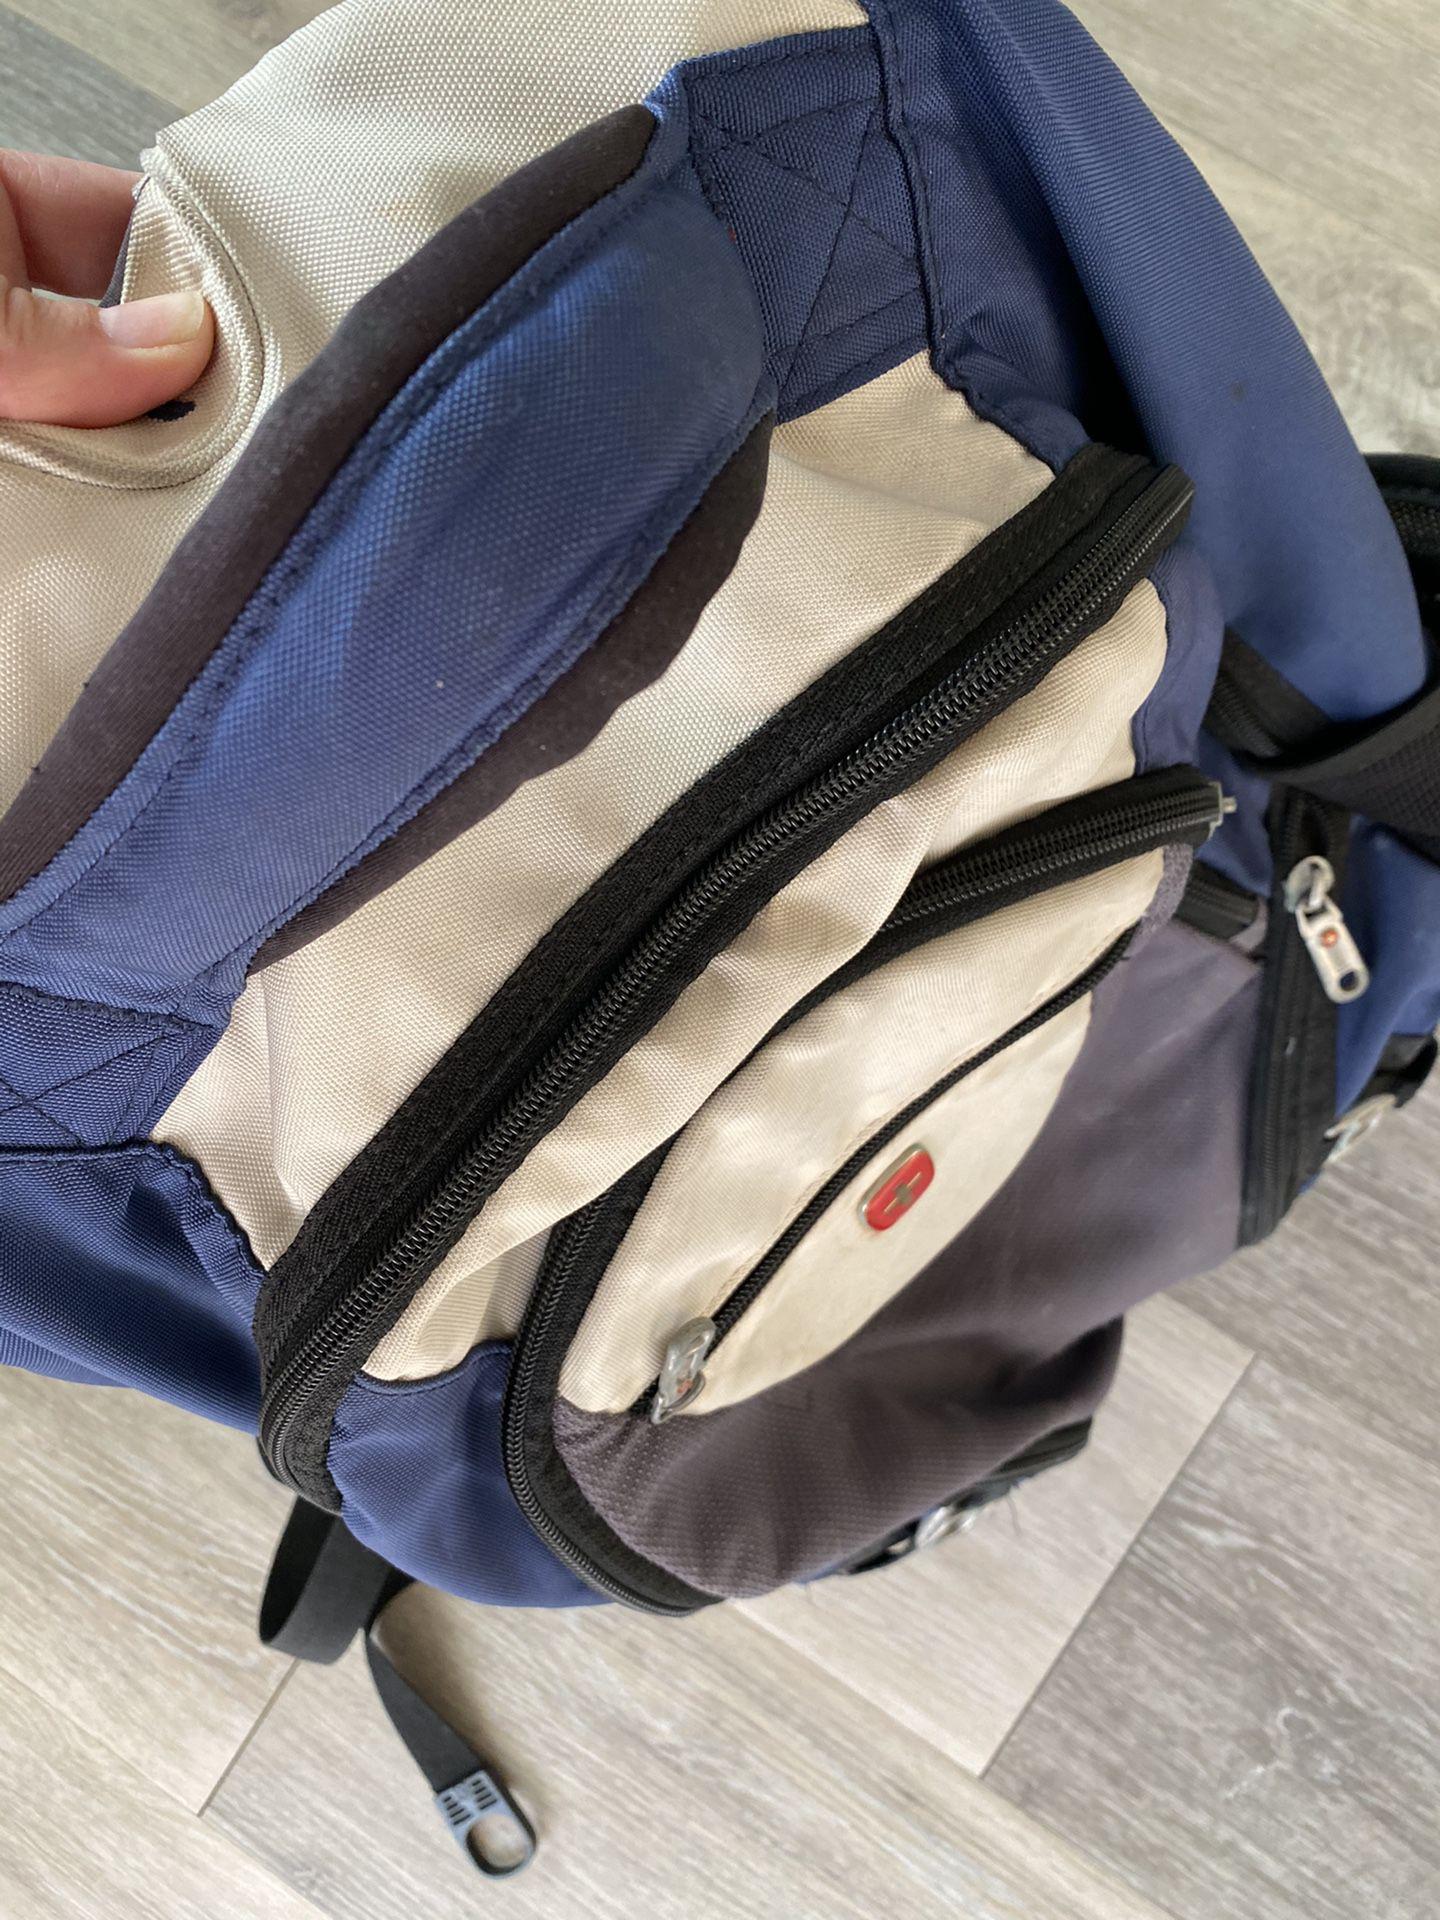 Backpack, Swiss army backpack, Book bag